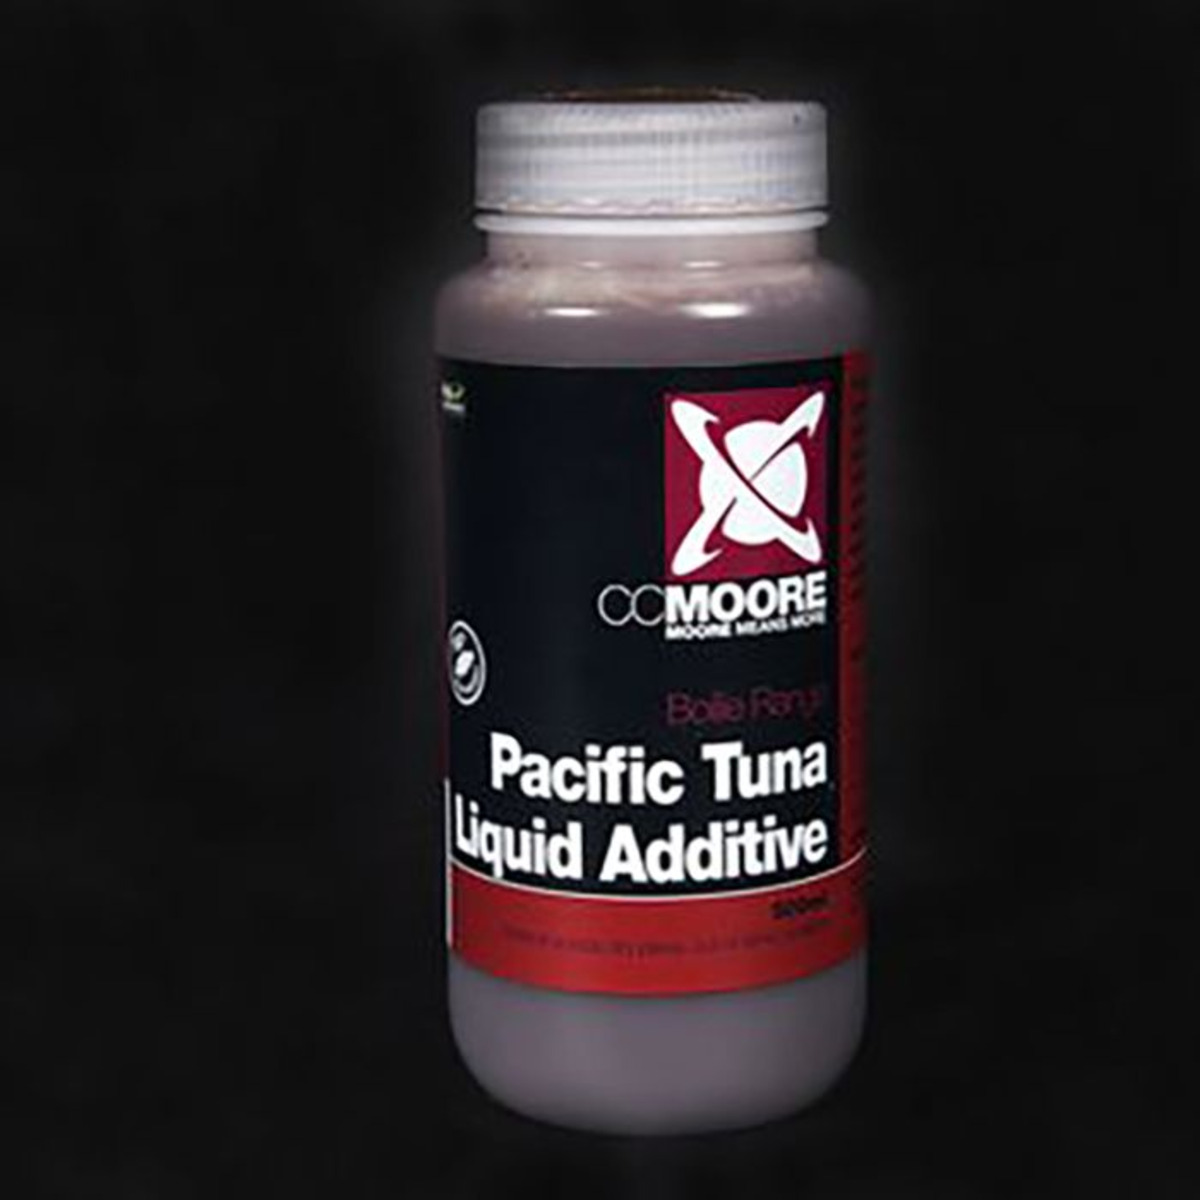 CC Moore Pacific Tuna Liquid Additive - 500 ml